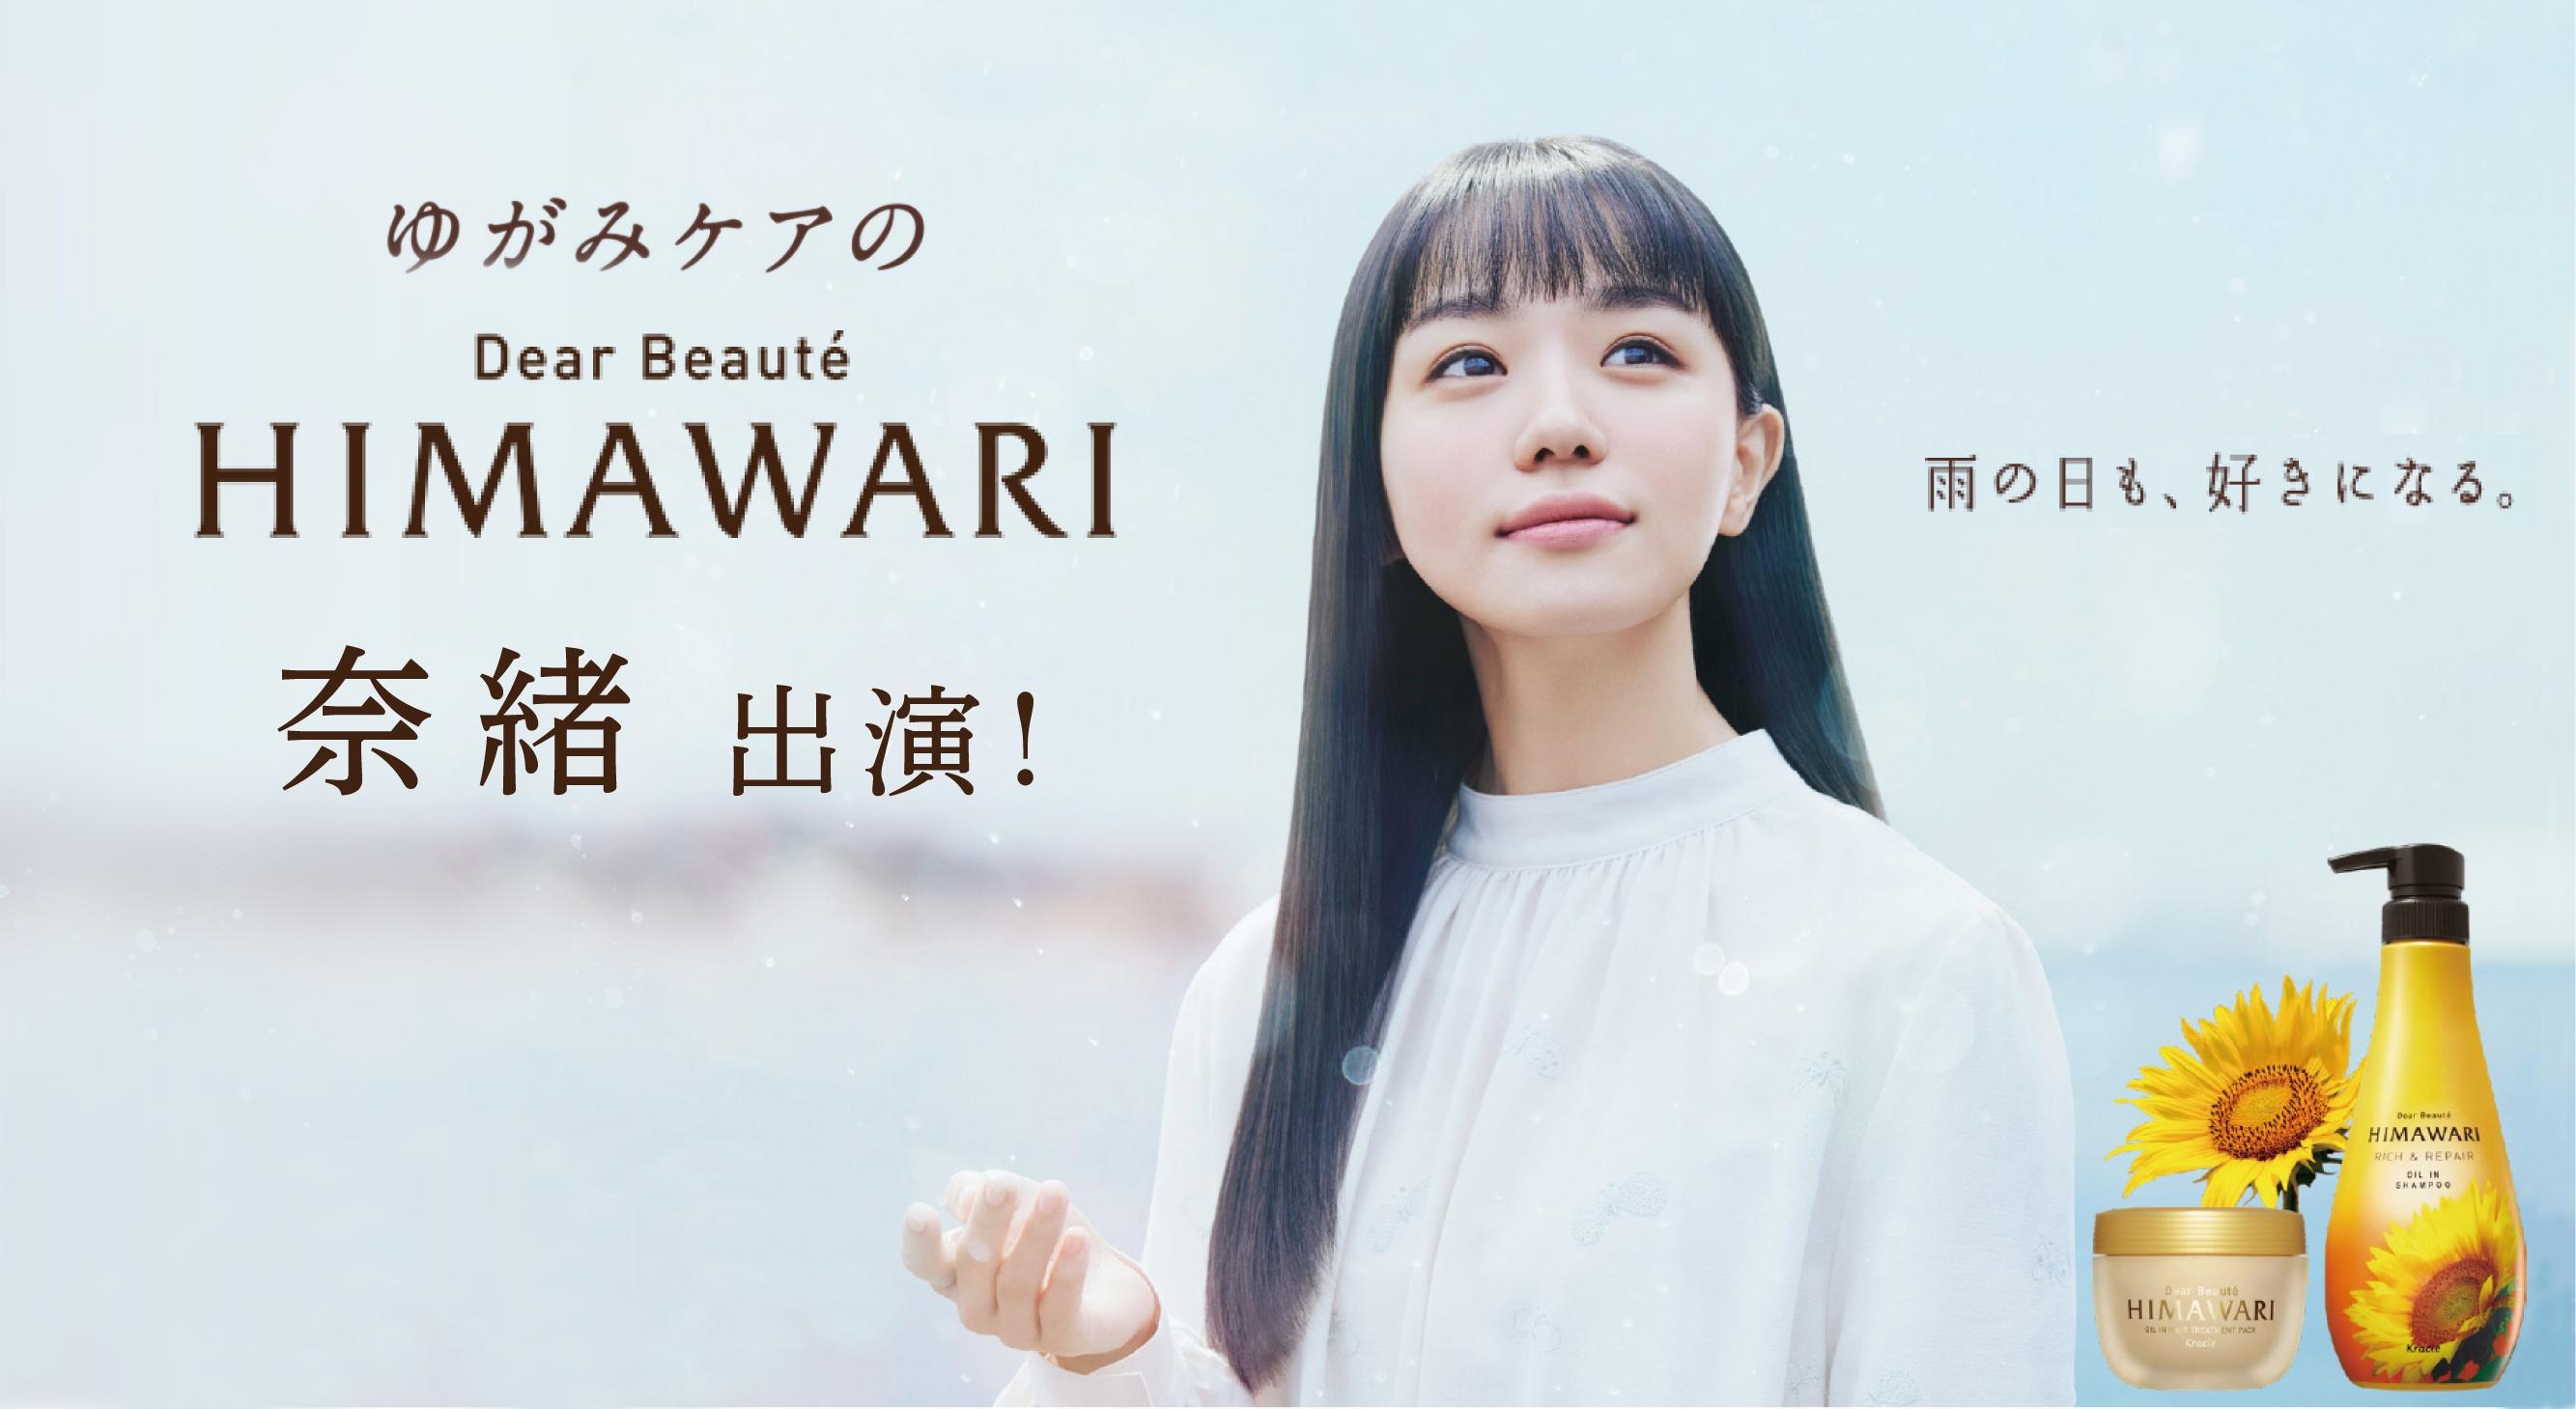 奈緒 HIMAWARI